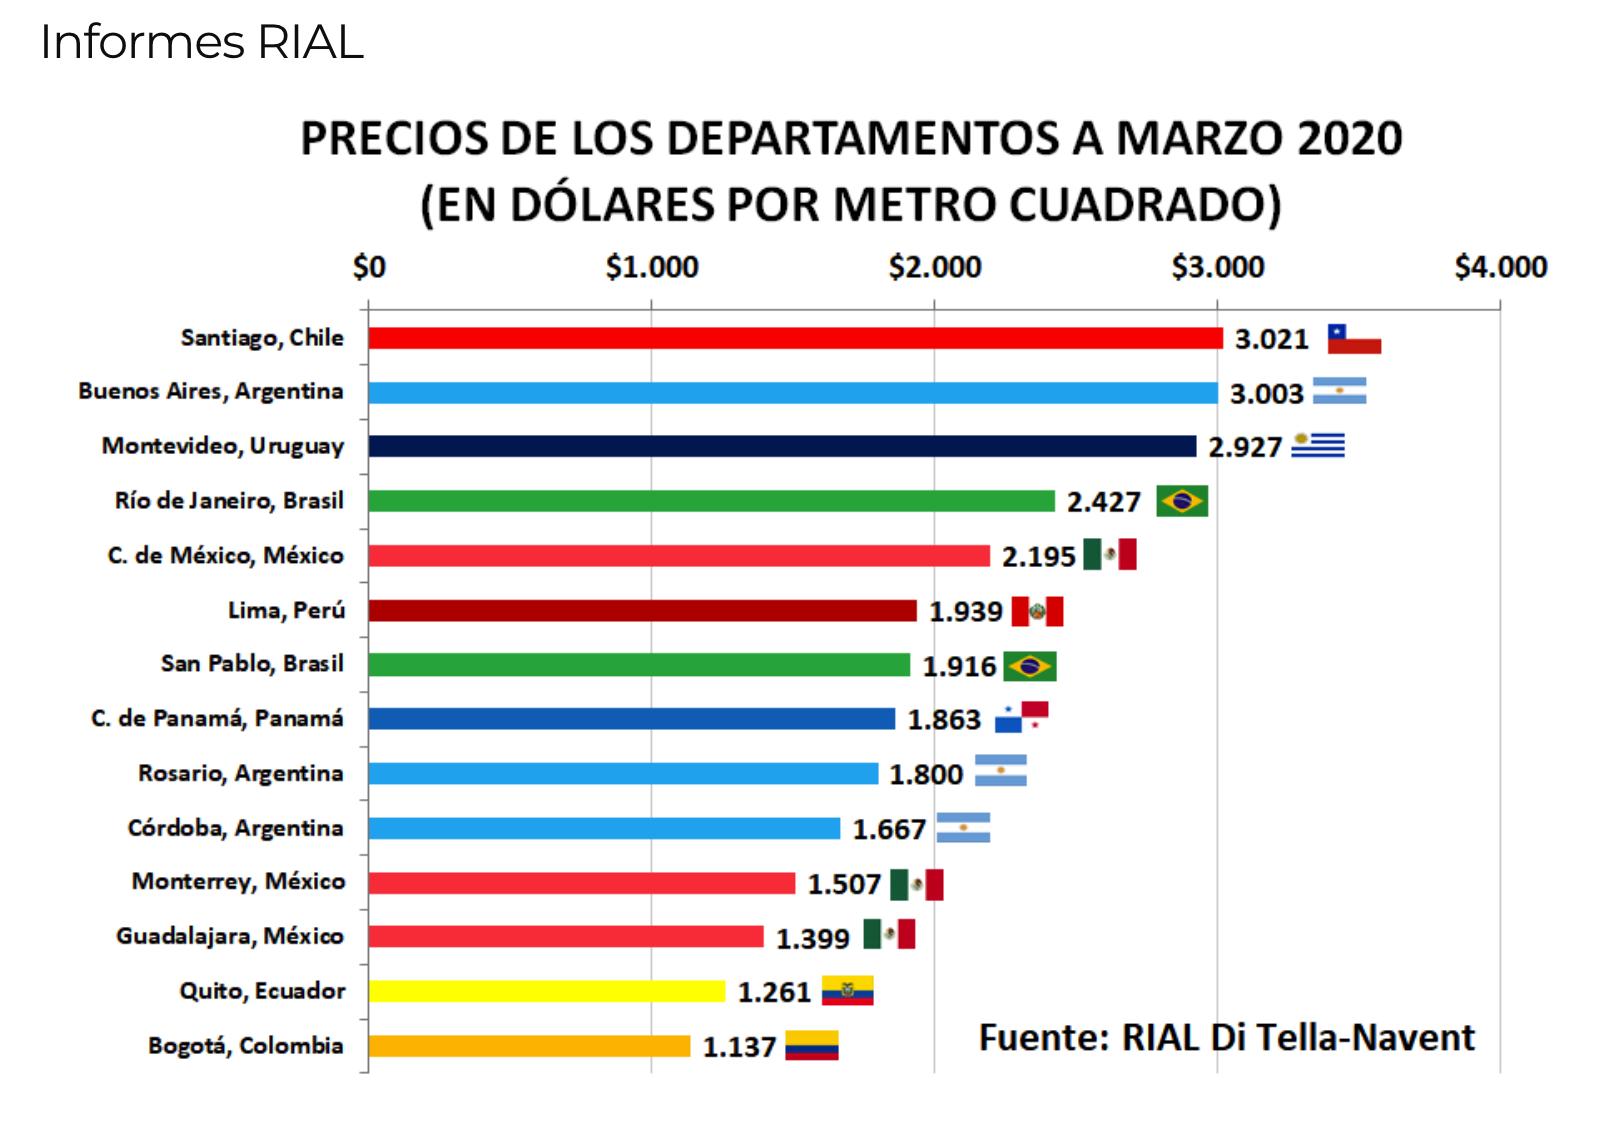 стоимость квартиры в аргентине